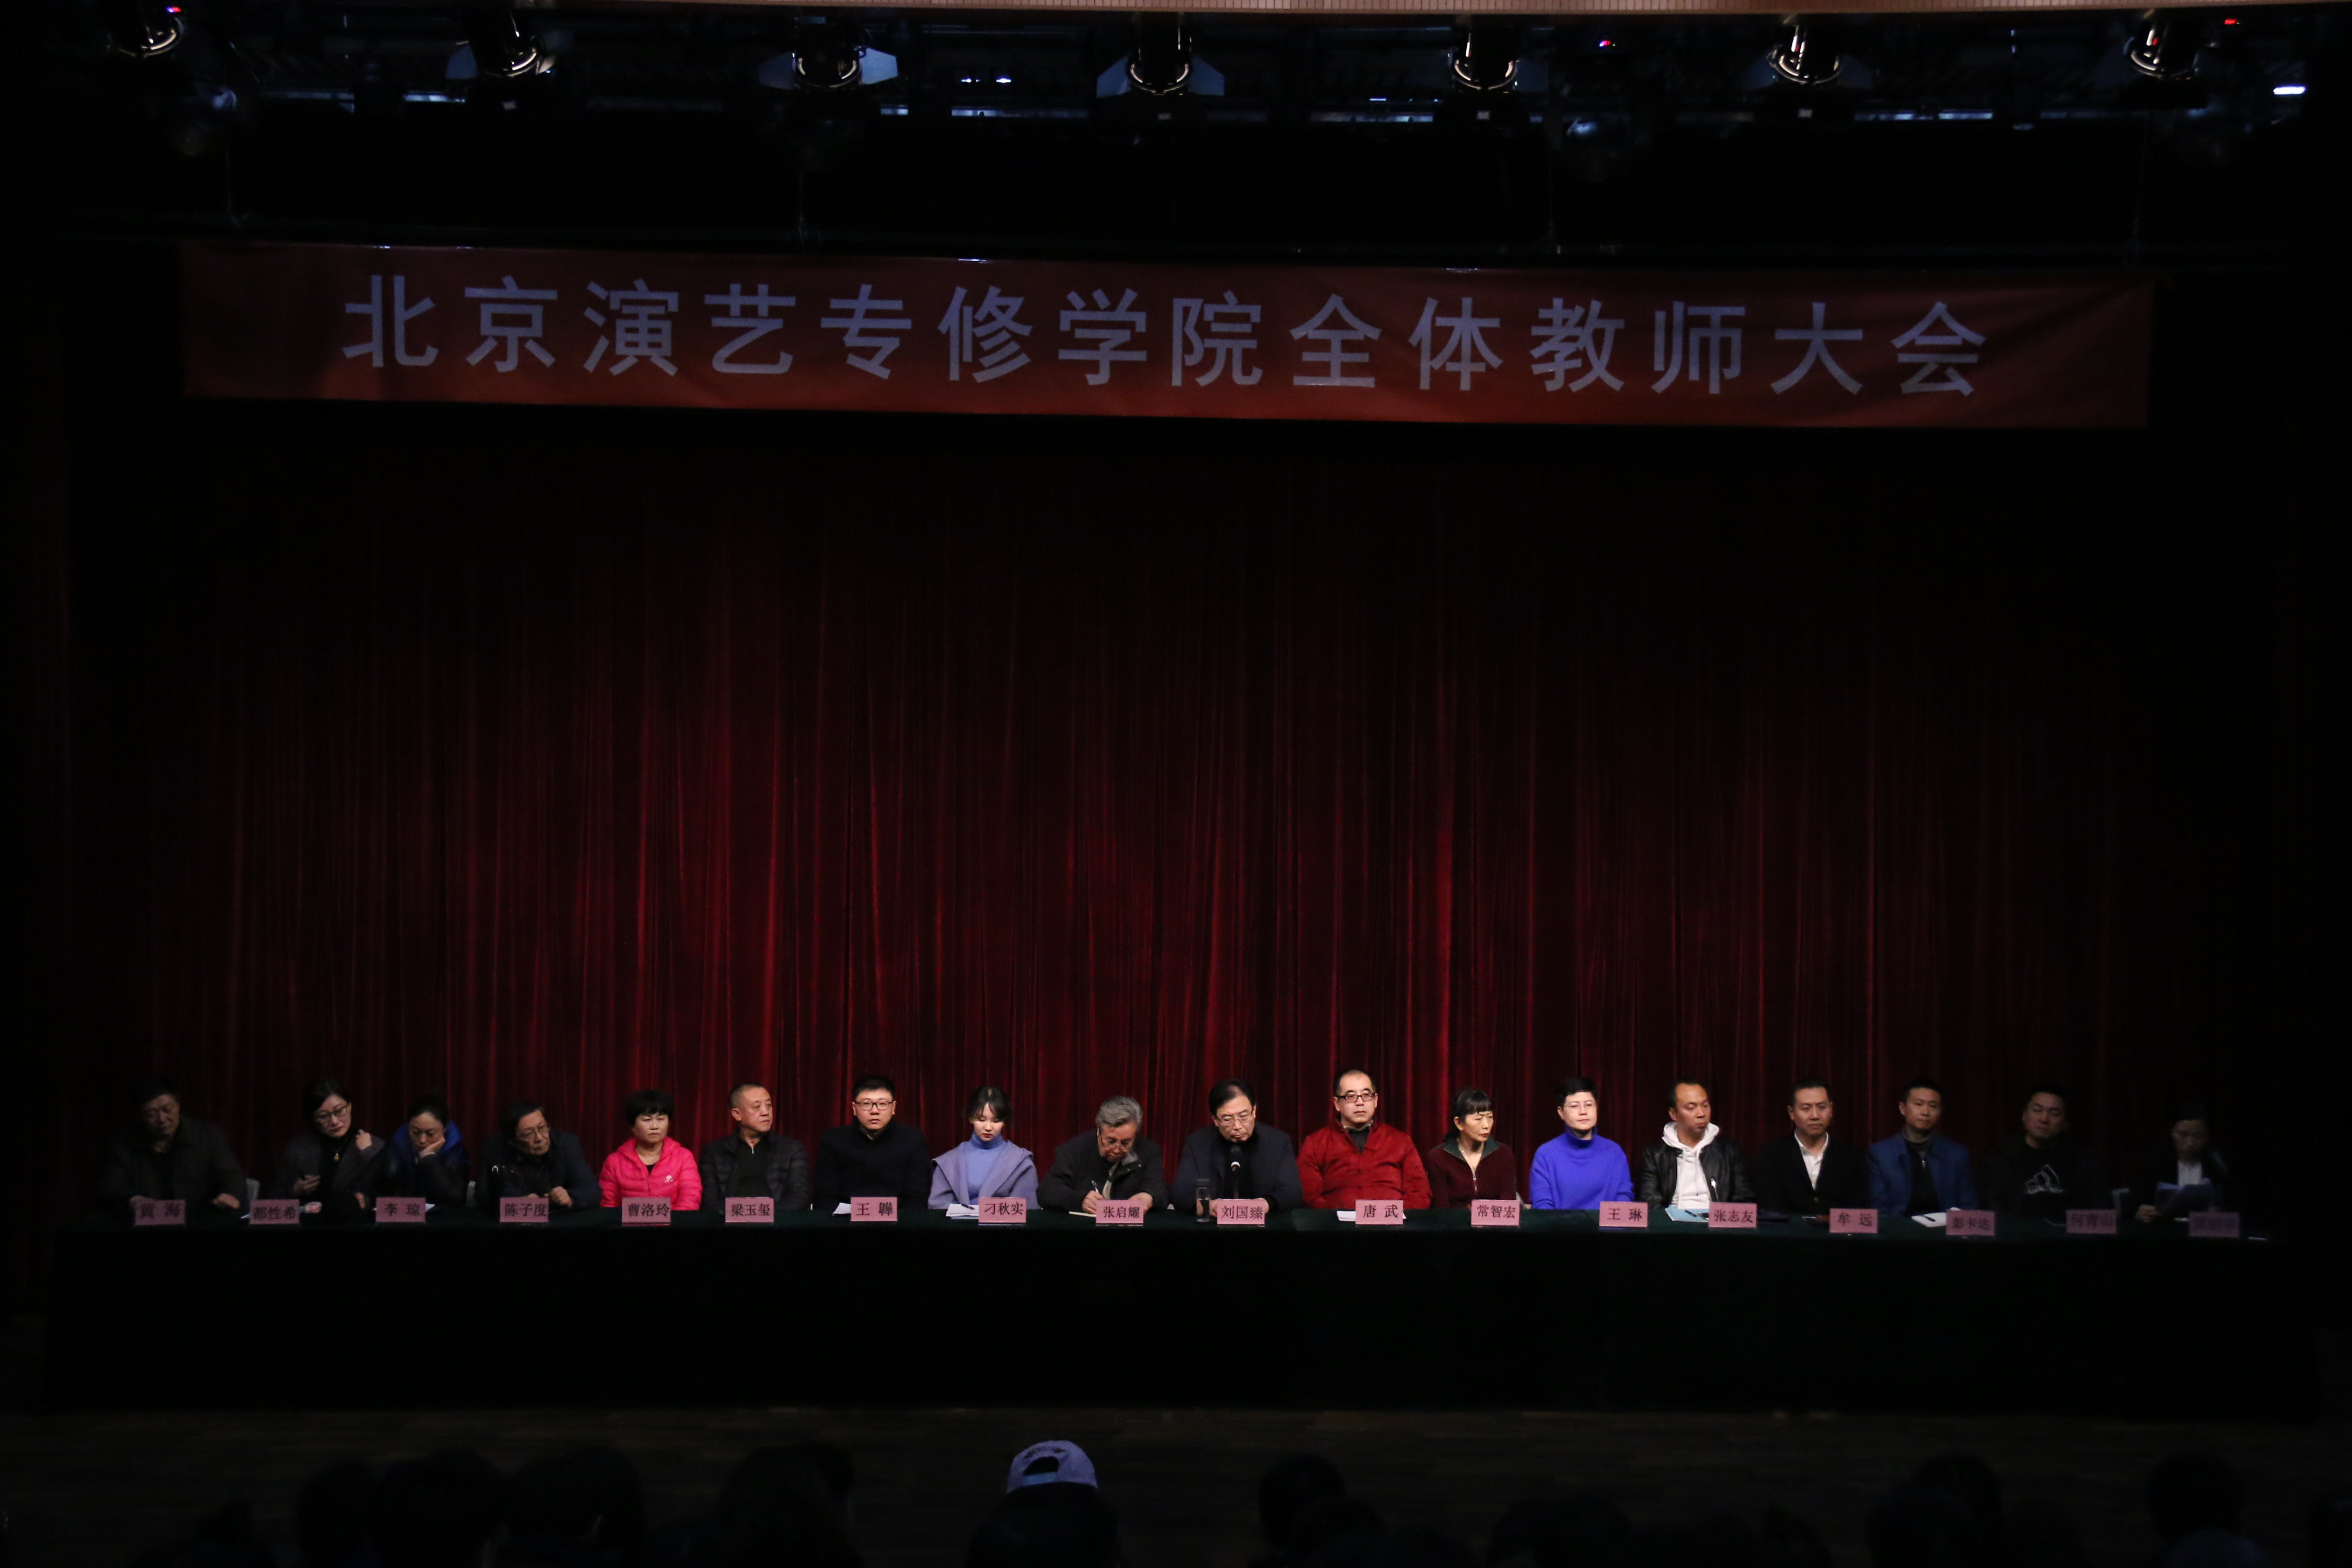 新学期  新征程  北京演艺专修学院隆重召开全体教师大会